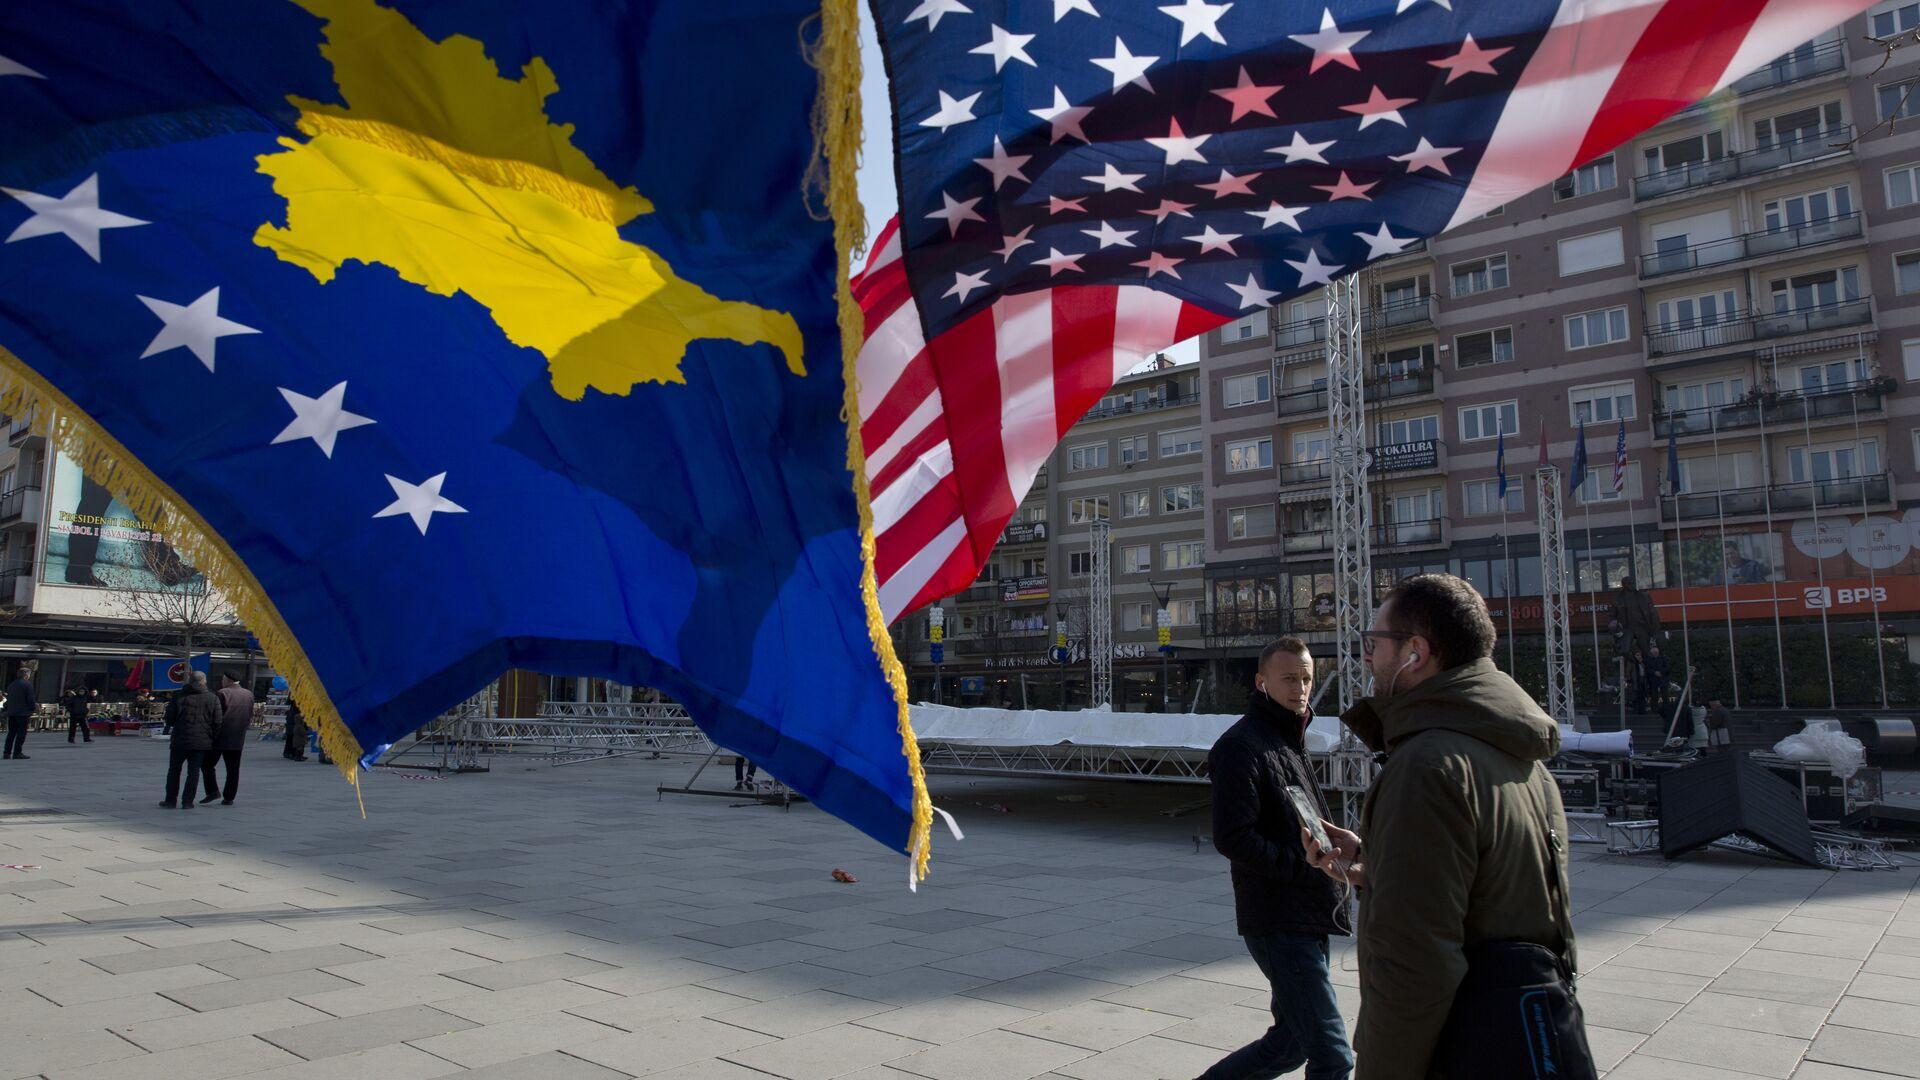 Приштина, заставе тзв. Косова и САД - Sputnik Србија, 1920, 28.02.2021